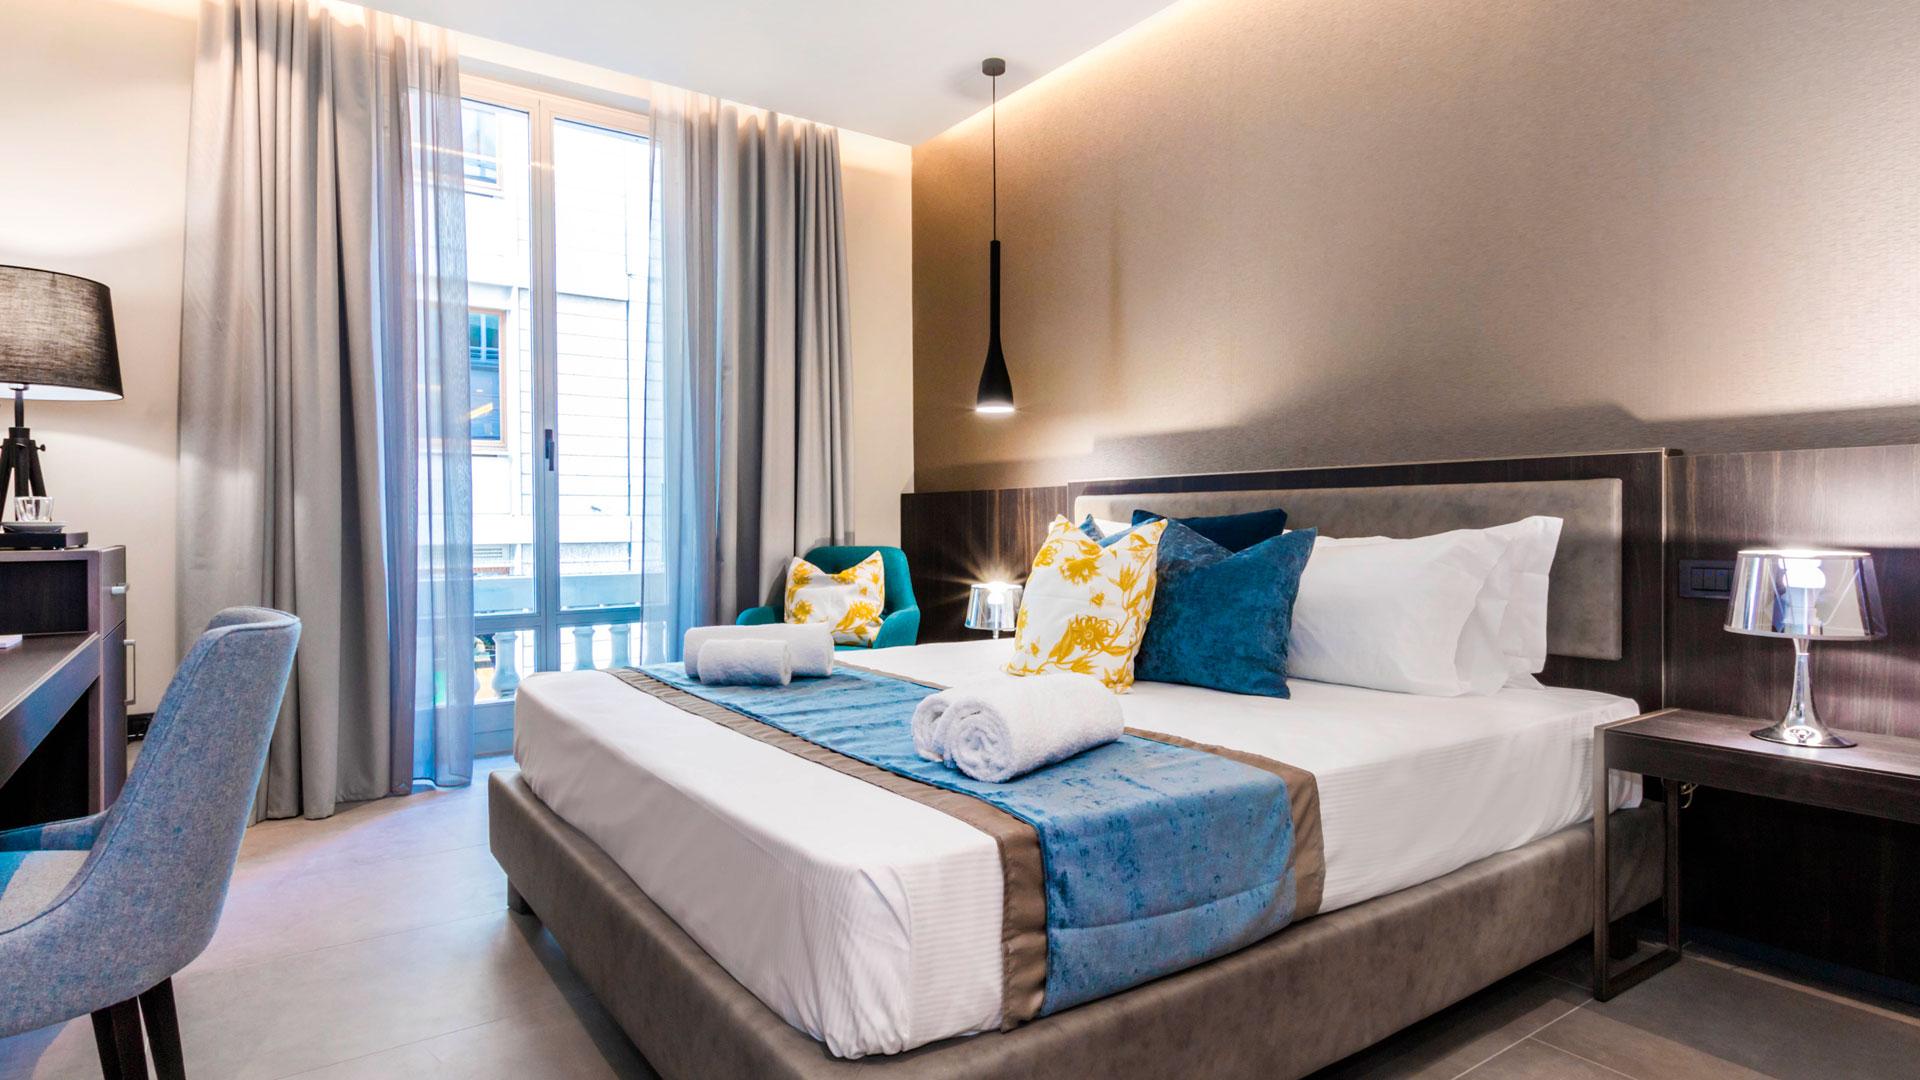 Imagen del apartahotel Altido en Milán